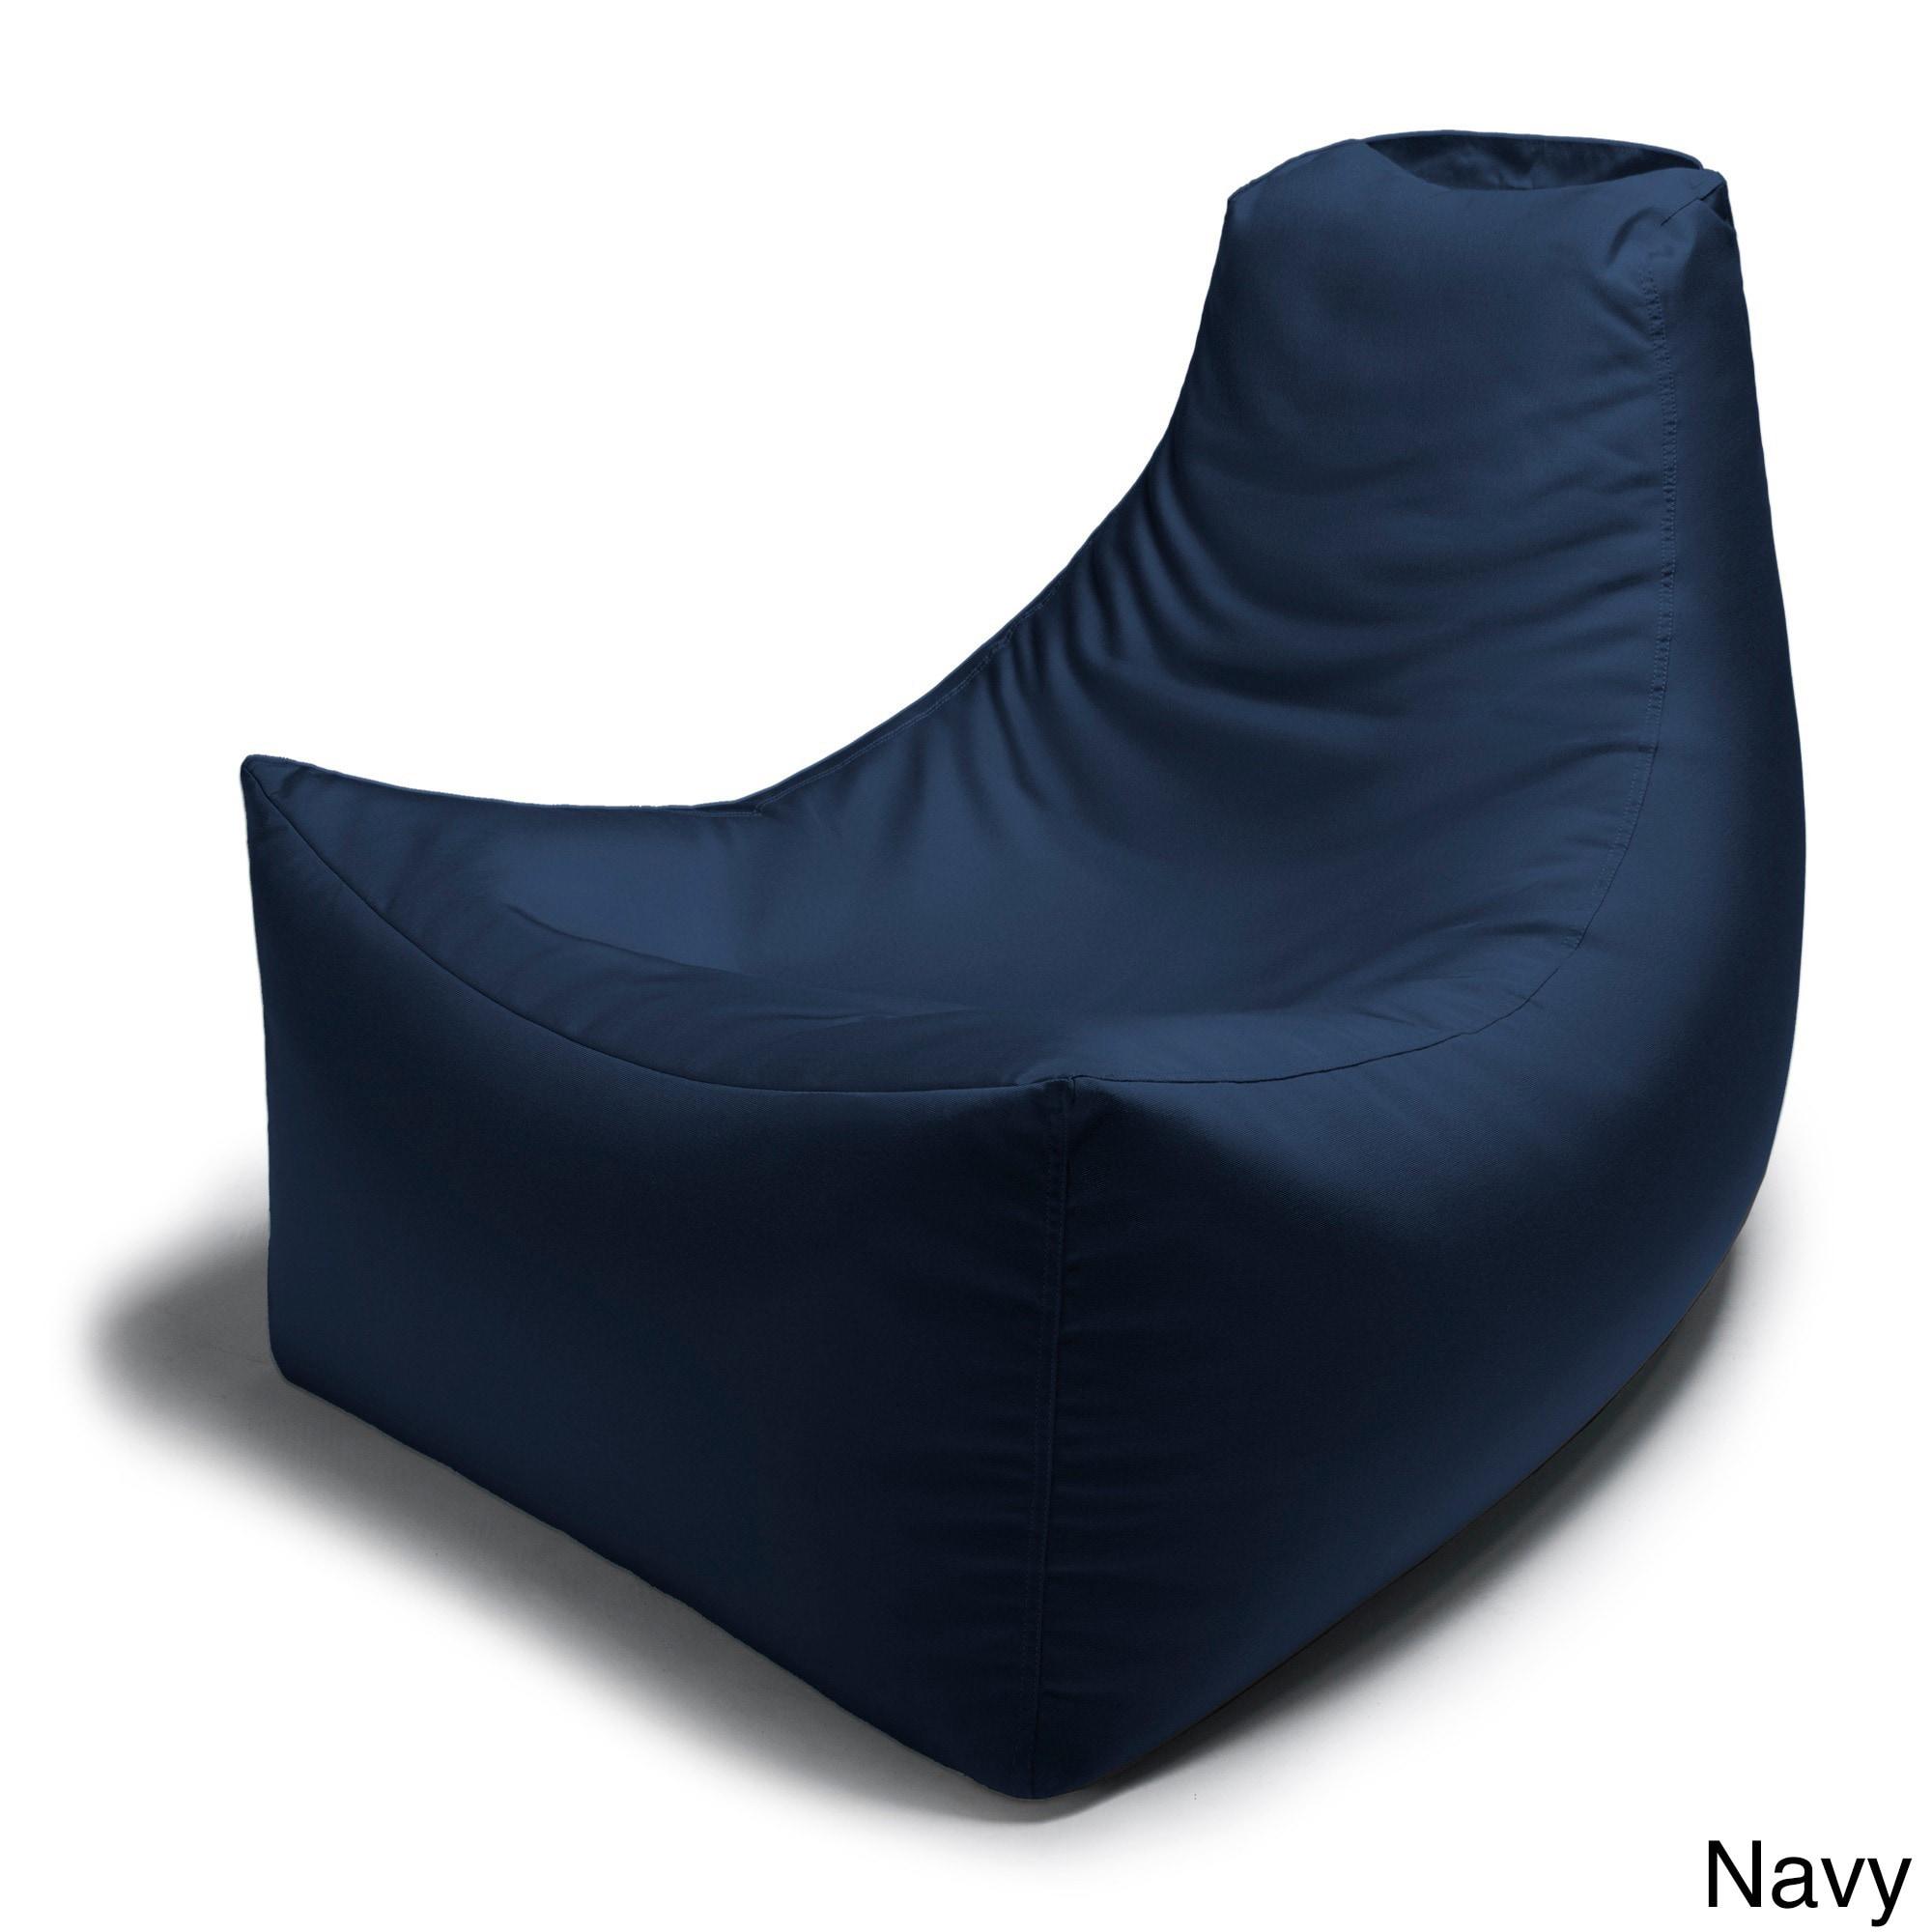 Jaxx Juniper Indoor/ Outdoor Patio Bean Bag Chair   Free Shipping Today    Overstock   17109909